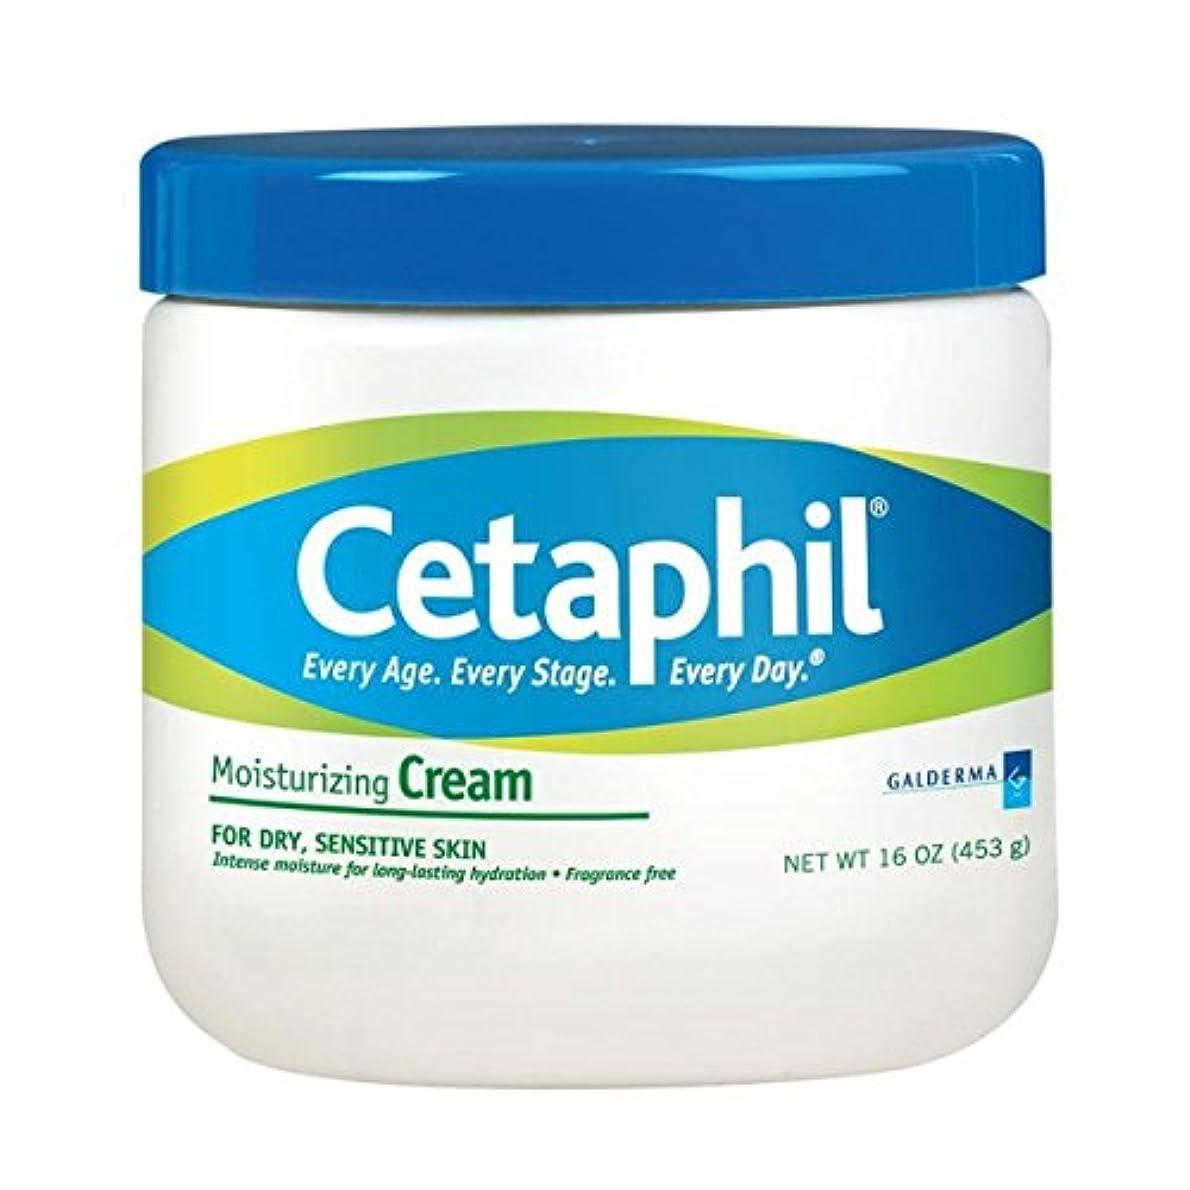 乳白エジプトカップCetaphil Moisturizing Cream 453g [並行輸入品]